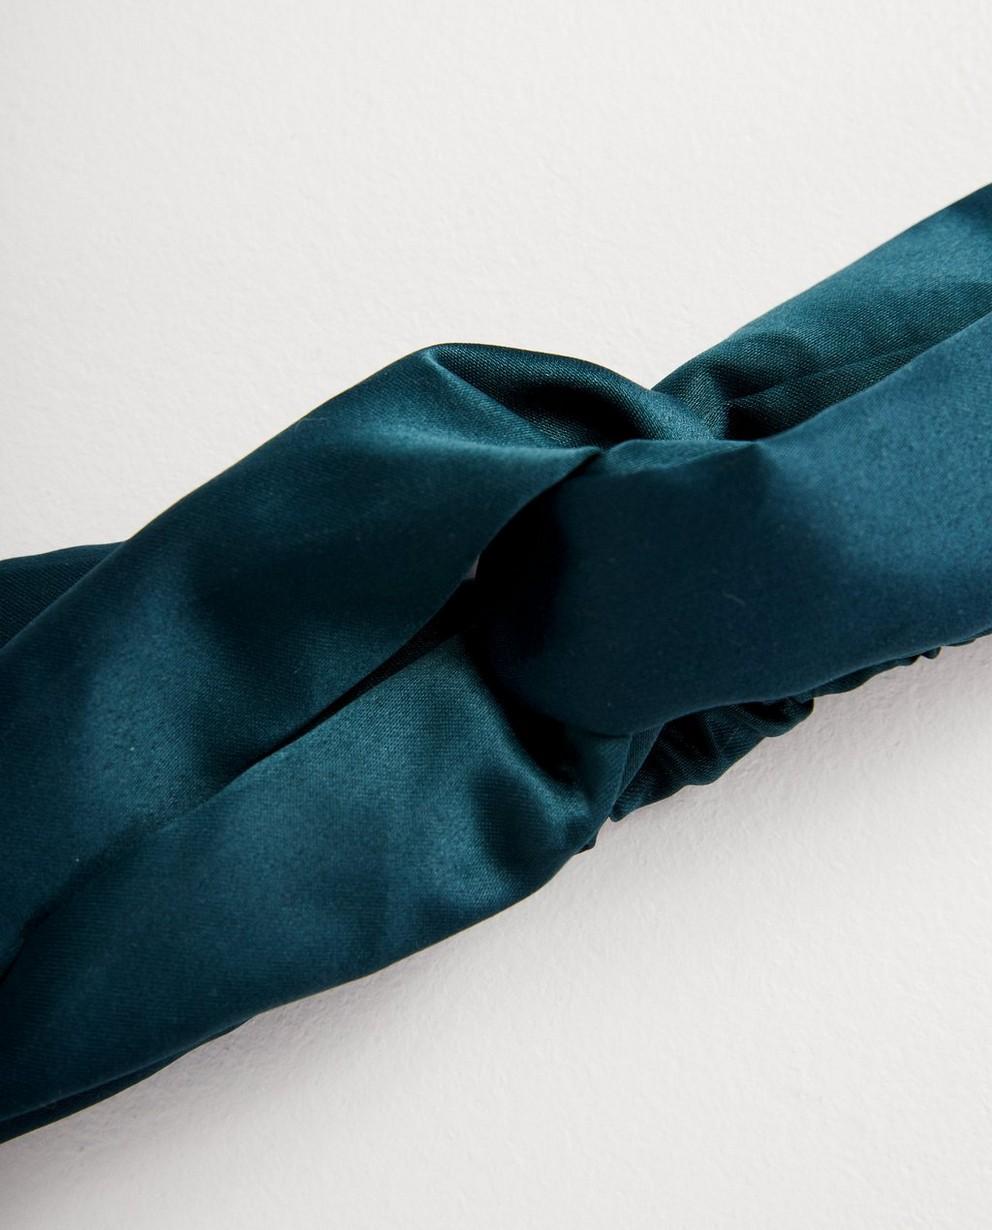 Strickware - Dunkelgrün - Grünes Haarband